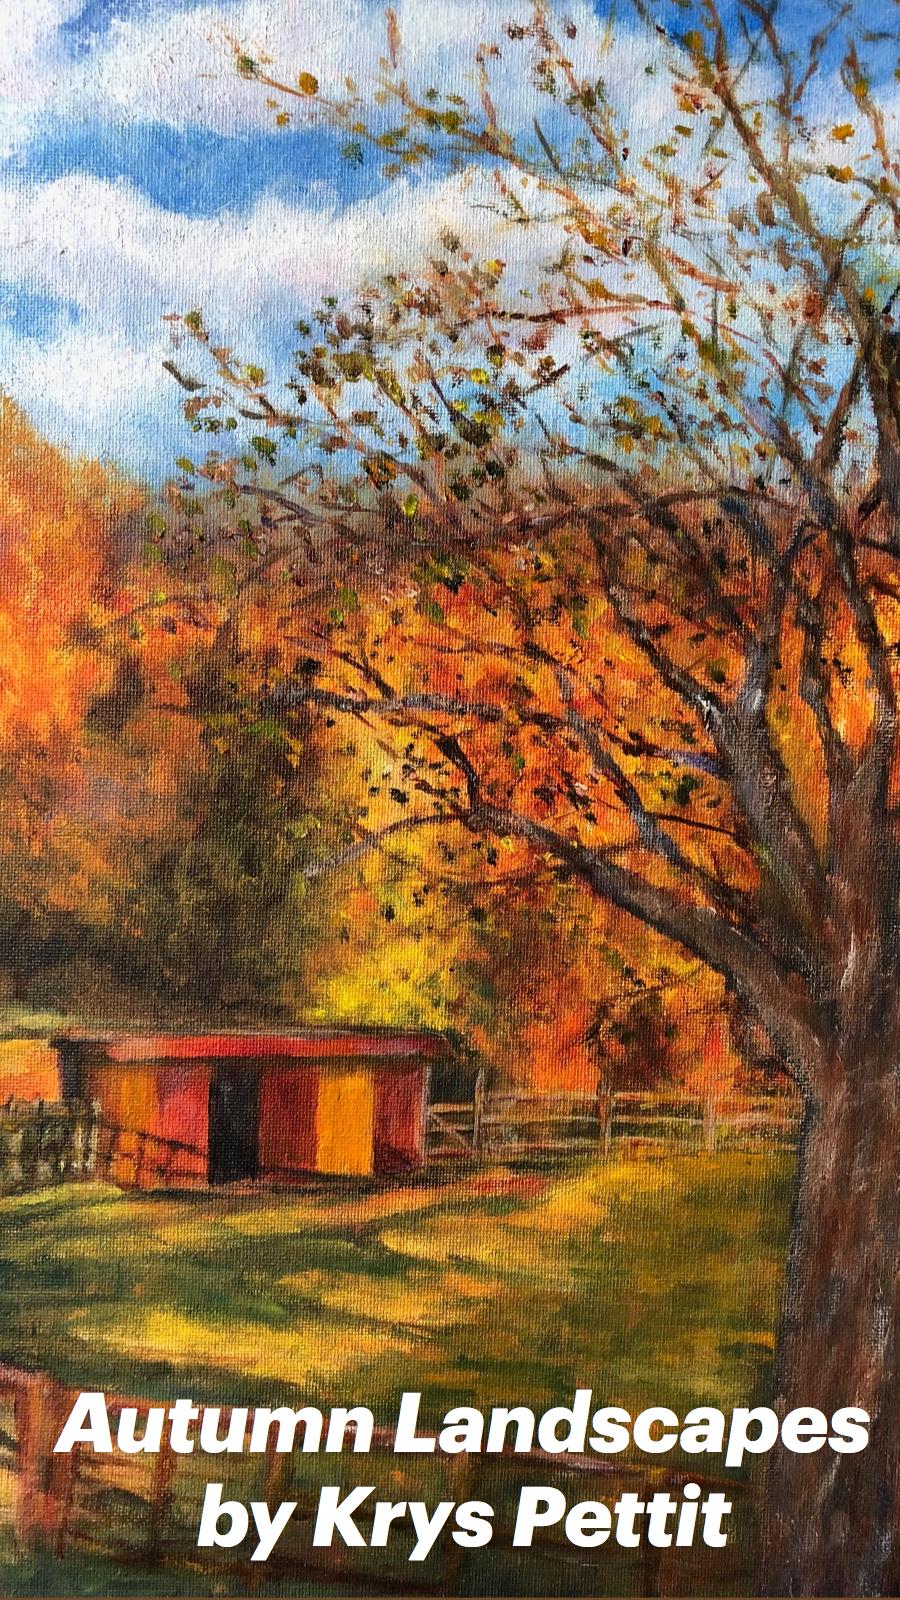 Autumn Landscapes by Krys Pettit